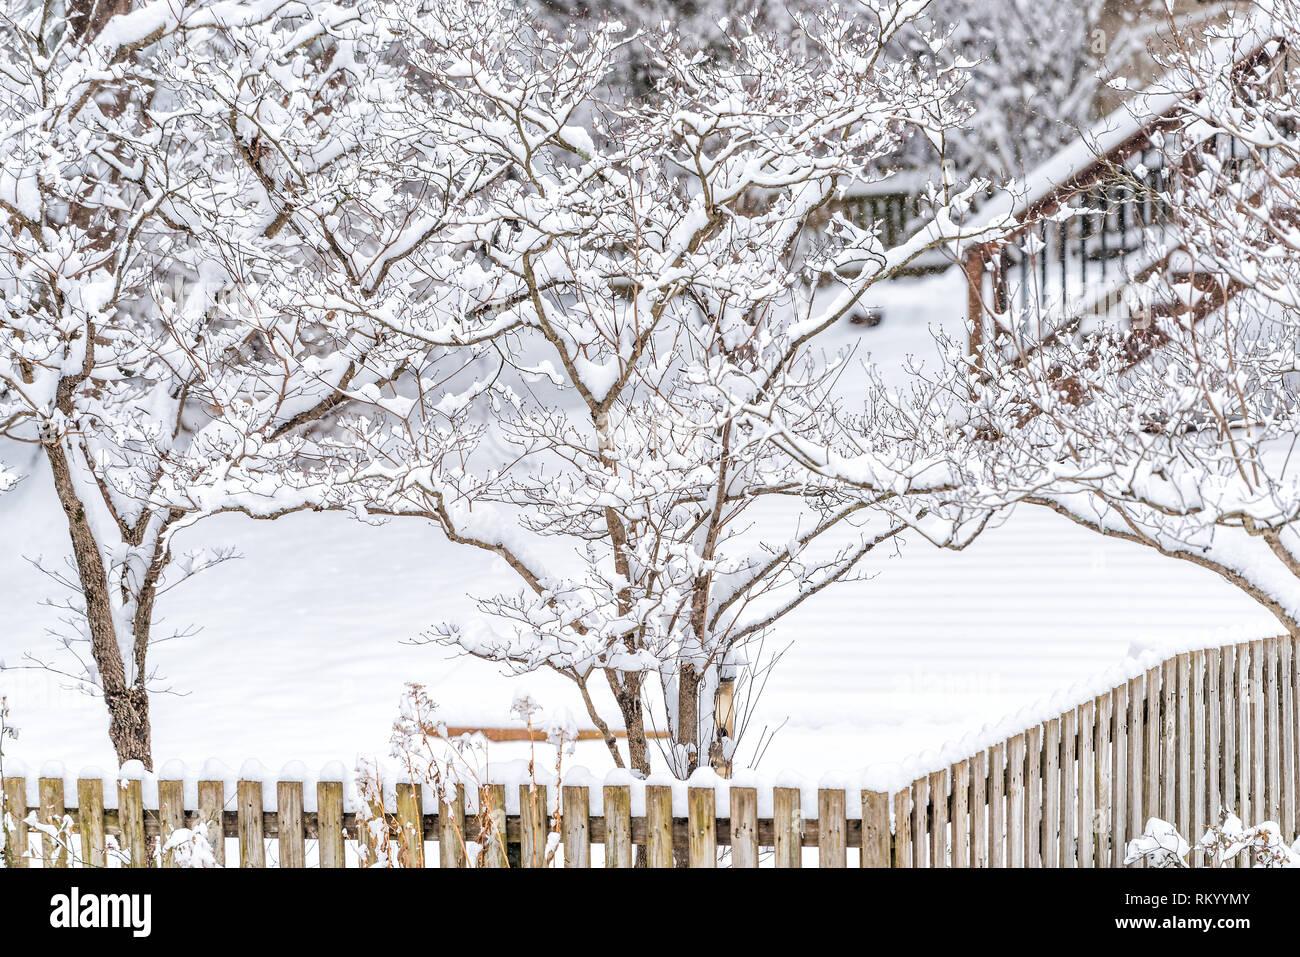 Staccionata Bianca In Legno staccionata in legno da casa con prato coperto di neve